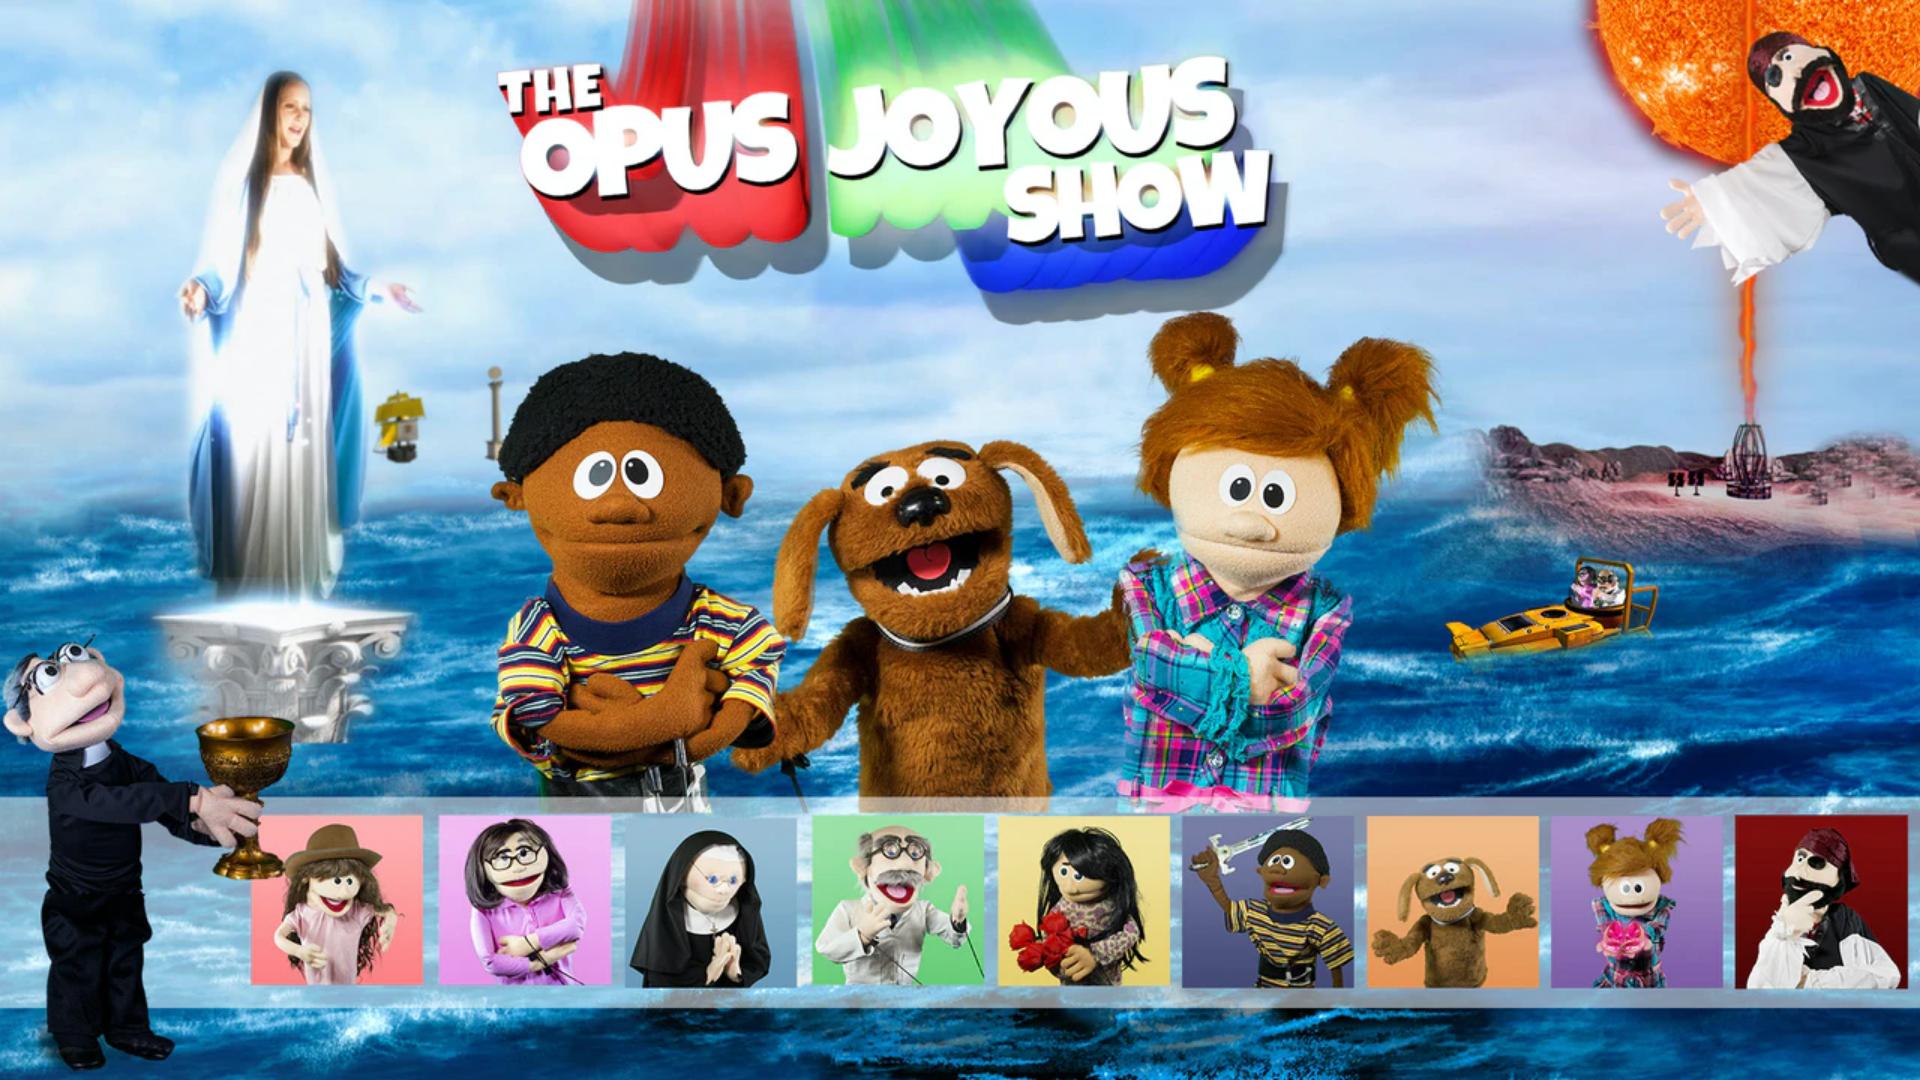 Opus Joyous